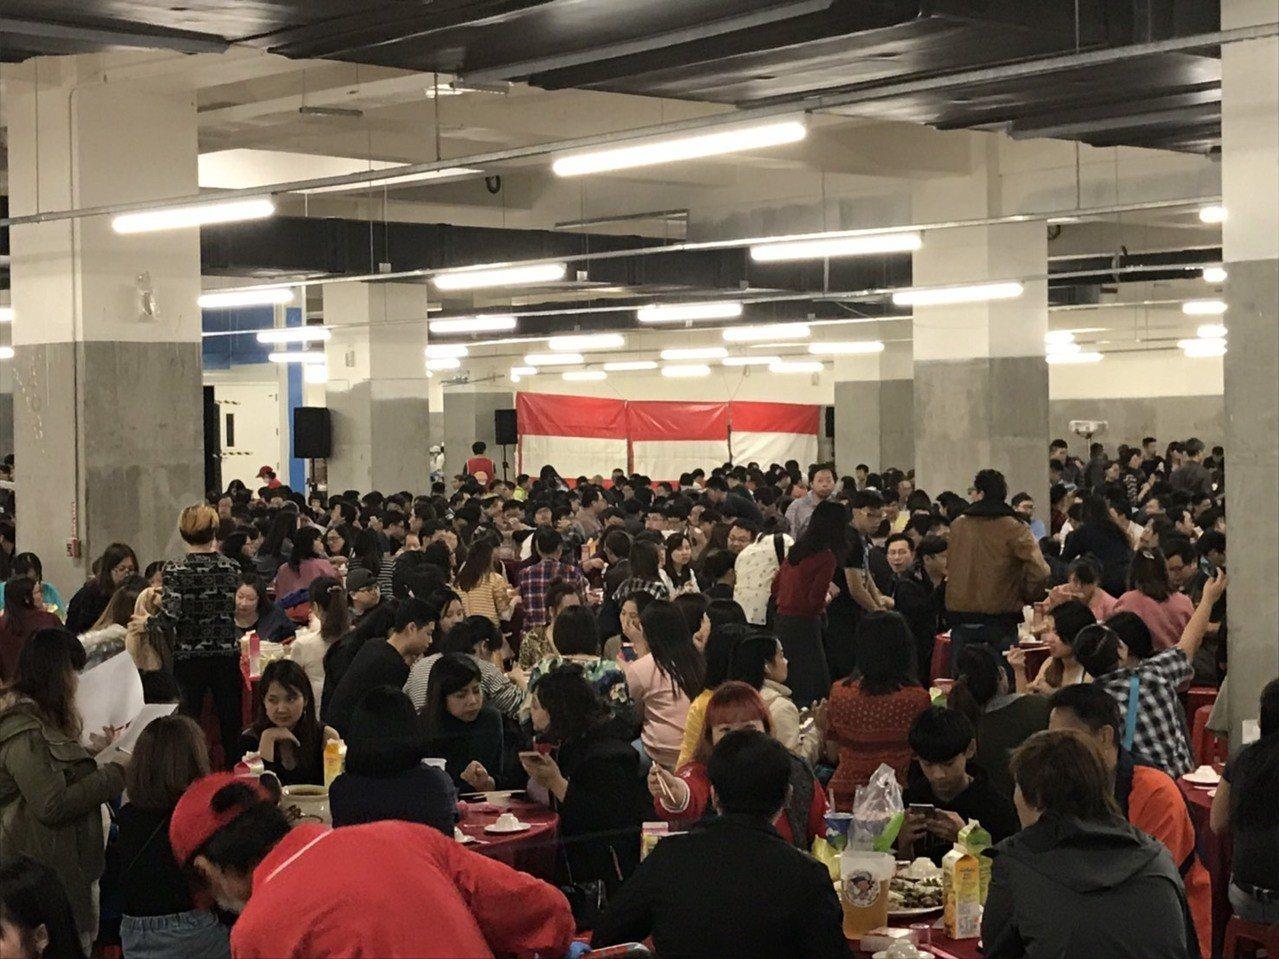 京元電子晚間在苗栗銅鑼二廠辦尾牙,席開470桌,場面熱絡。圖/京元電子提供